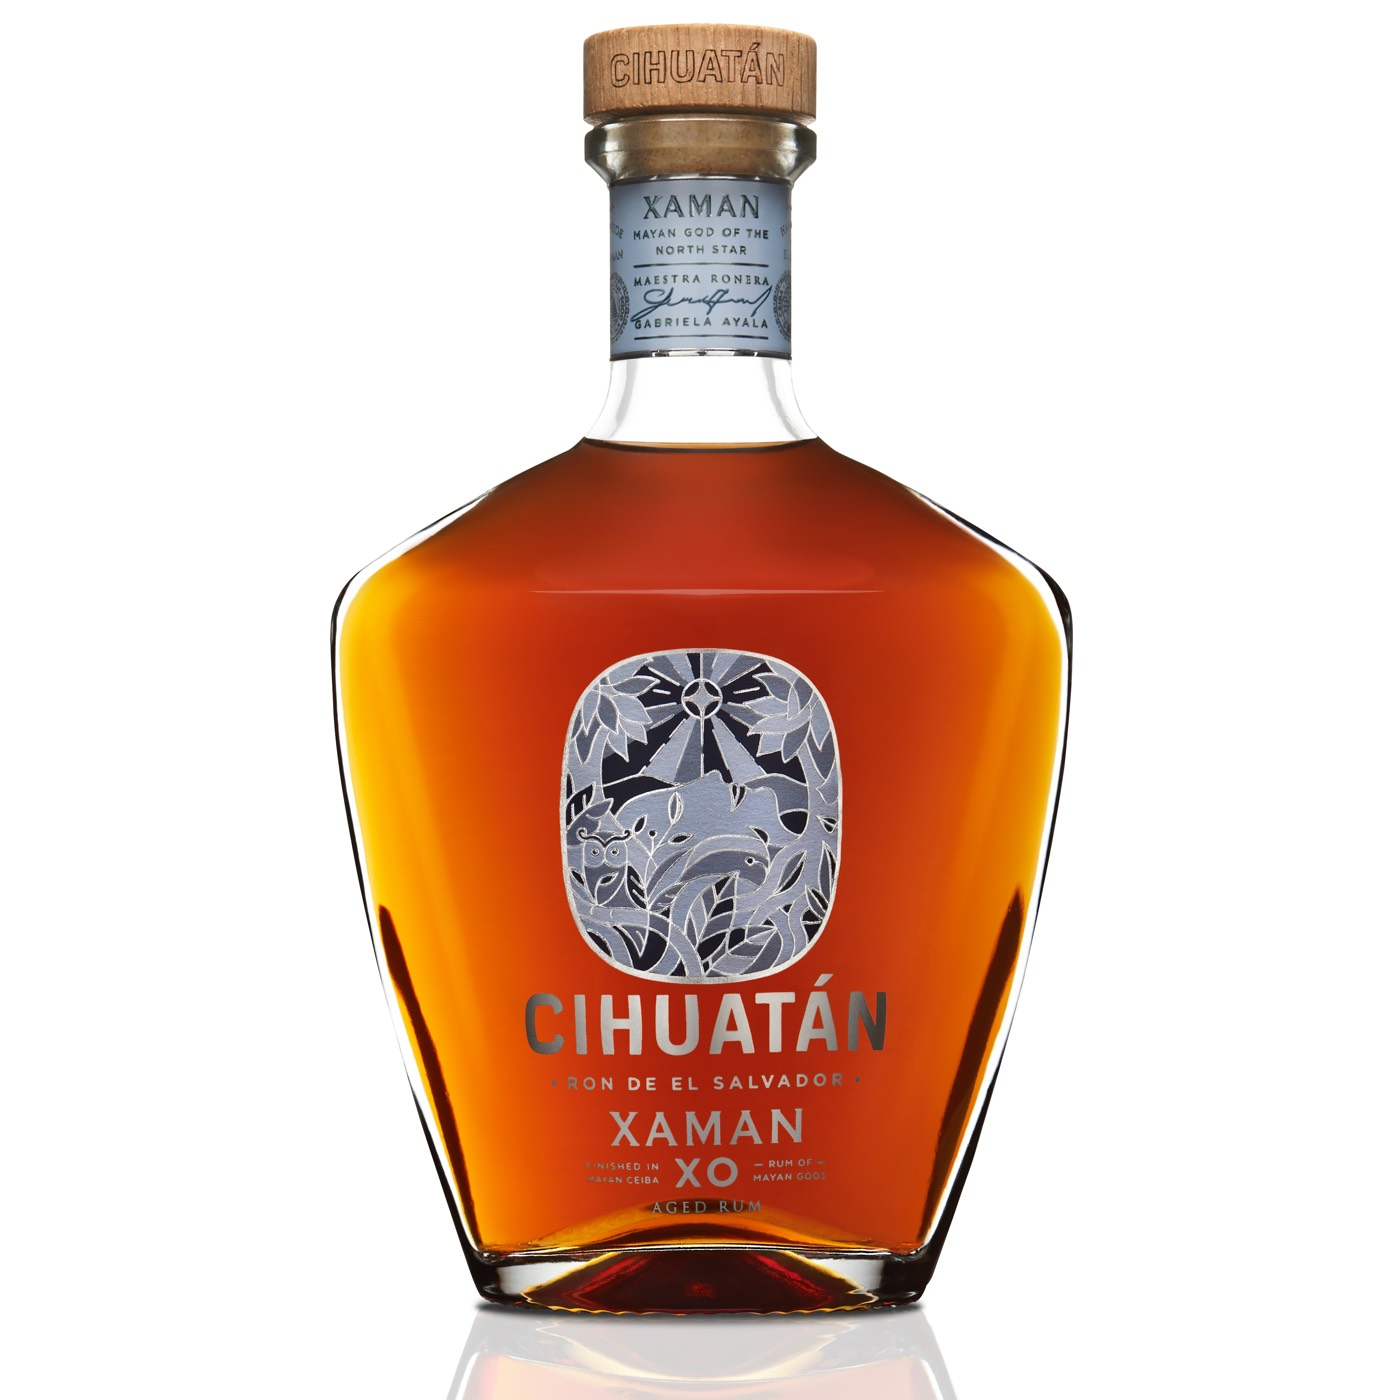 Bottle image of Cihuatán XAMAN XO